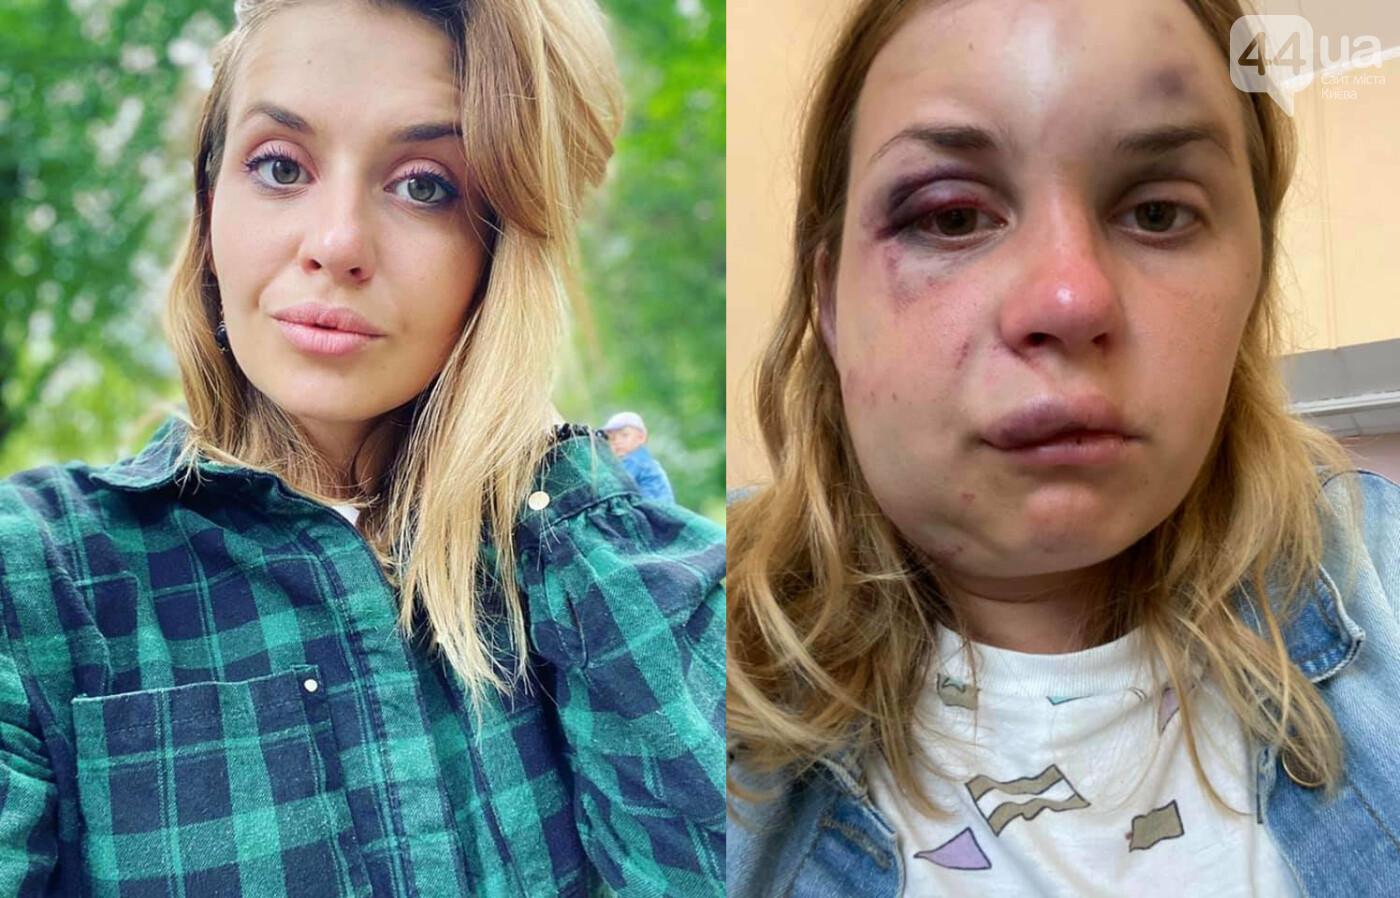 В поезде из Мариуполя в Киев жестоко избили и пытались изнасиловать молодую маму, фото-1, Фото Анастасии Луговой